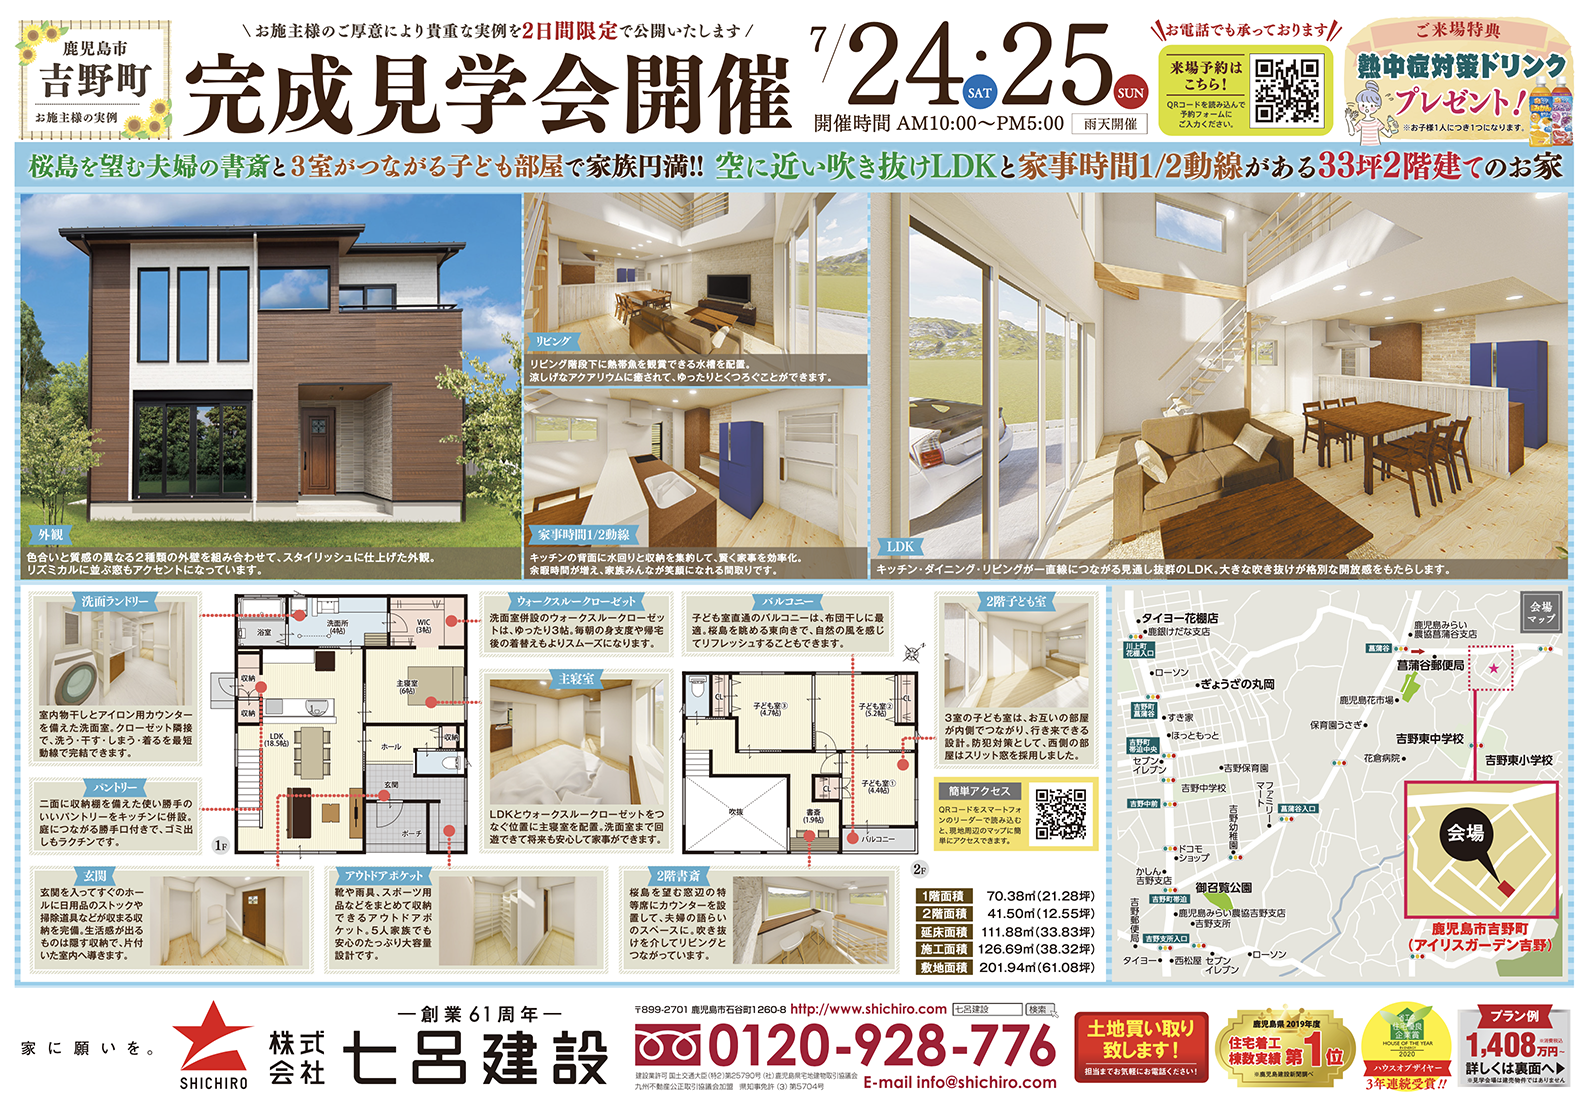 鹿児島市吉野町で完成見学会 空に近い吹き抜けLDKと家事時間1/2動線がある33坪2階建ての家 | 七呂建設